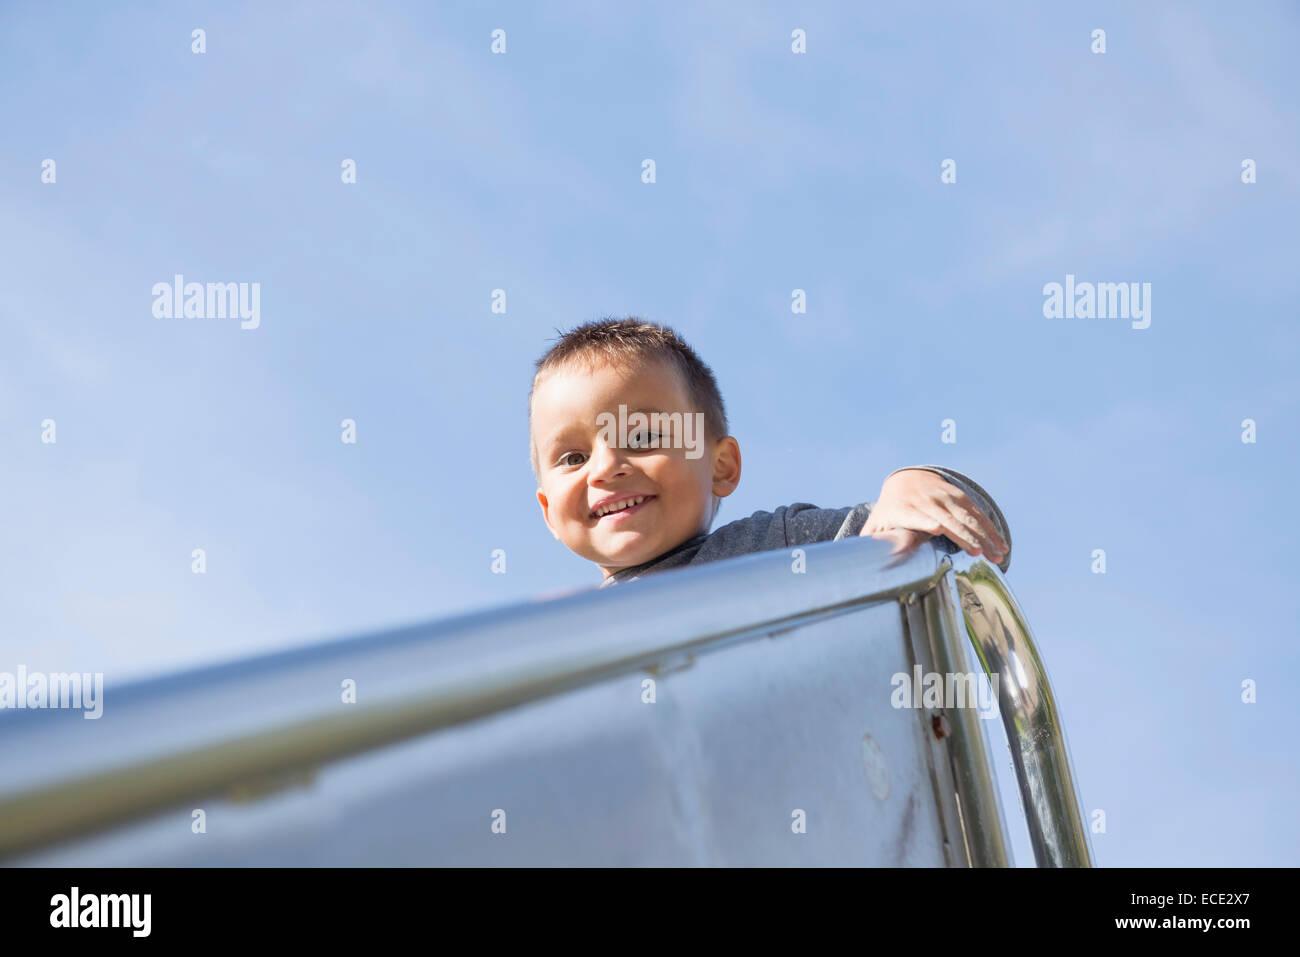 Spielplatz kleiner Junge hoch oben Porträt Folie Metall Stockfoto